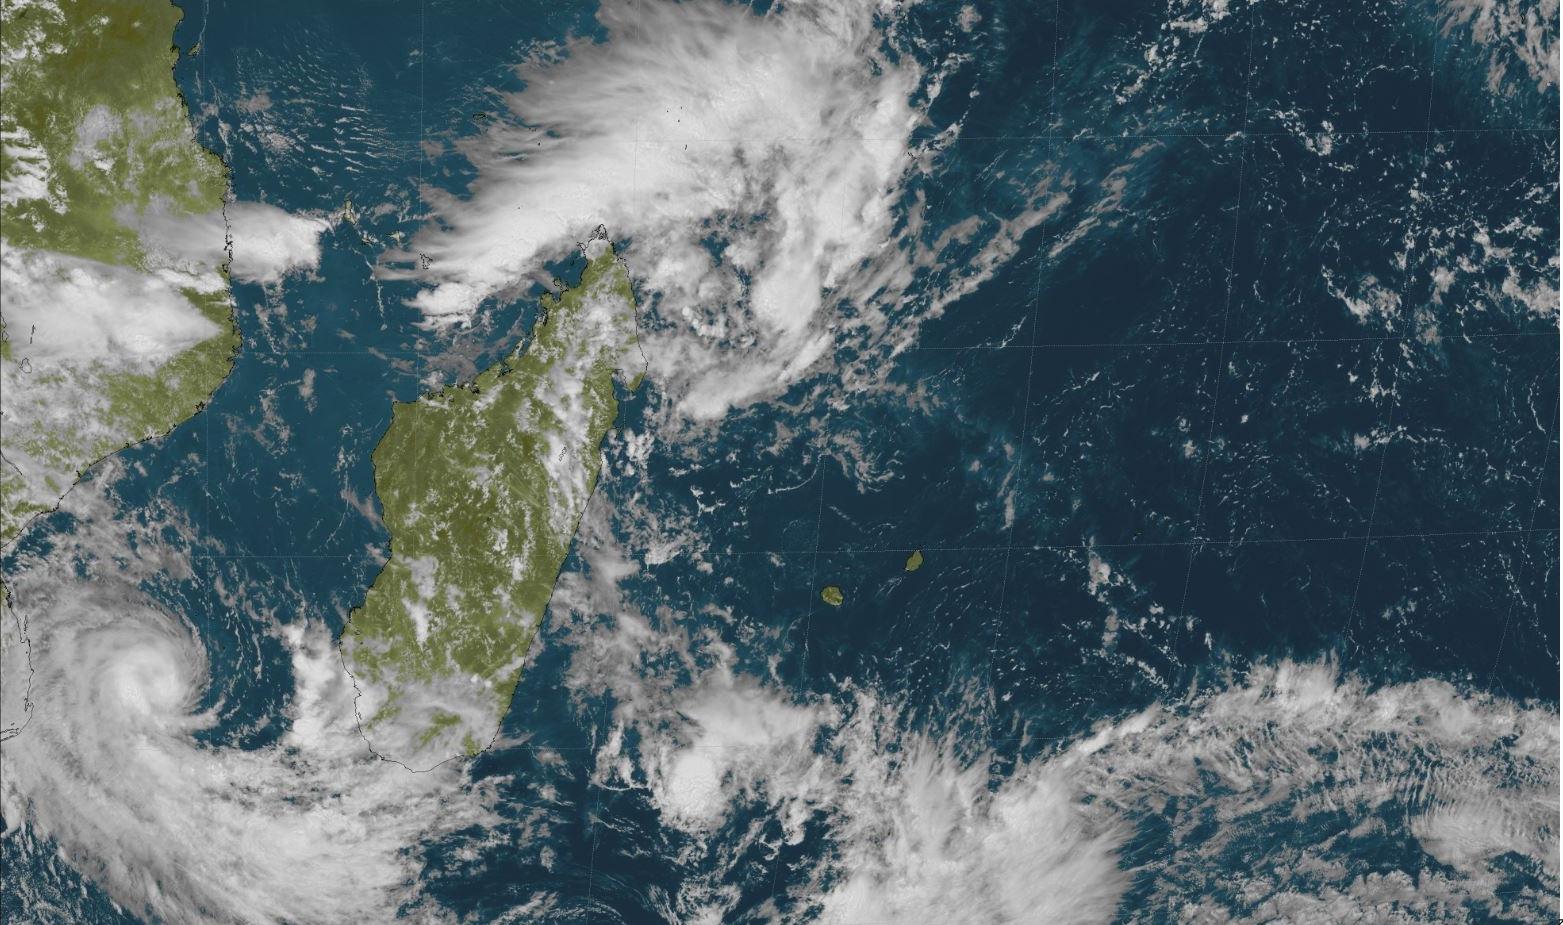 Météosat 13h: sur la gauche on voit bien DESMOND alors que la zone suspecte 93S au large des côtes nord est de Madagascar est sous surveillance. Les Iles Soeurs sont dans une zone sèche. Crédit: R.Maujean, 4Bornes.